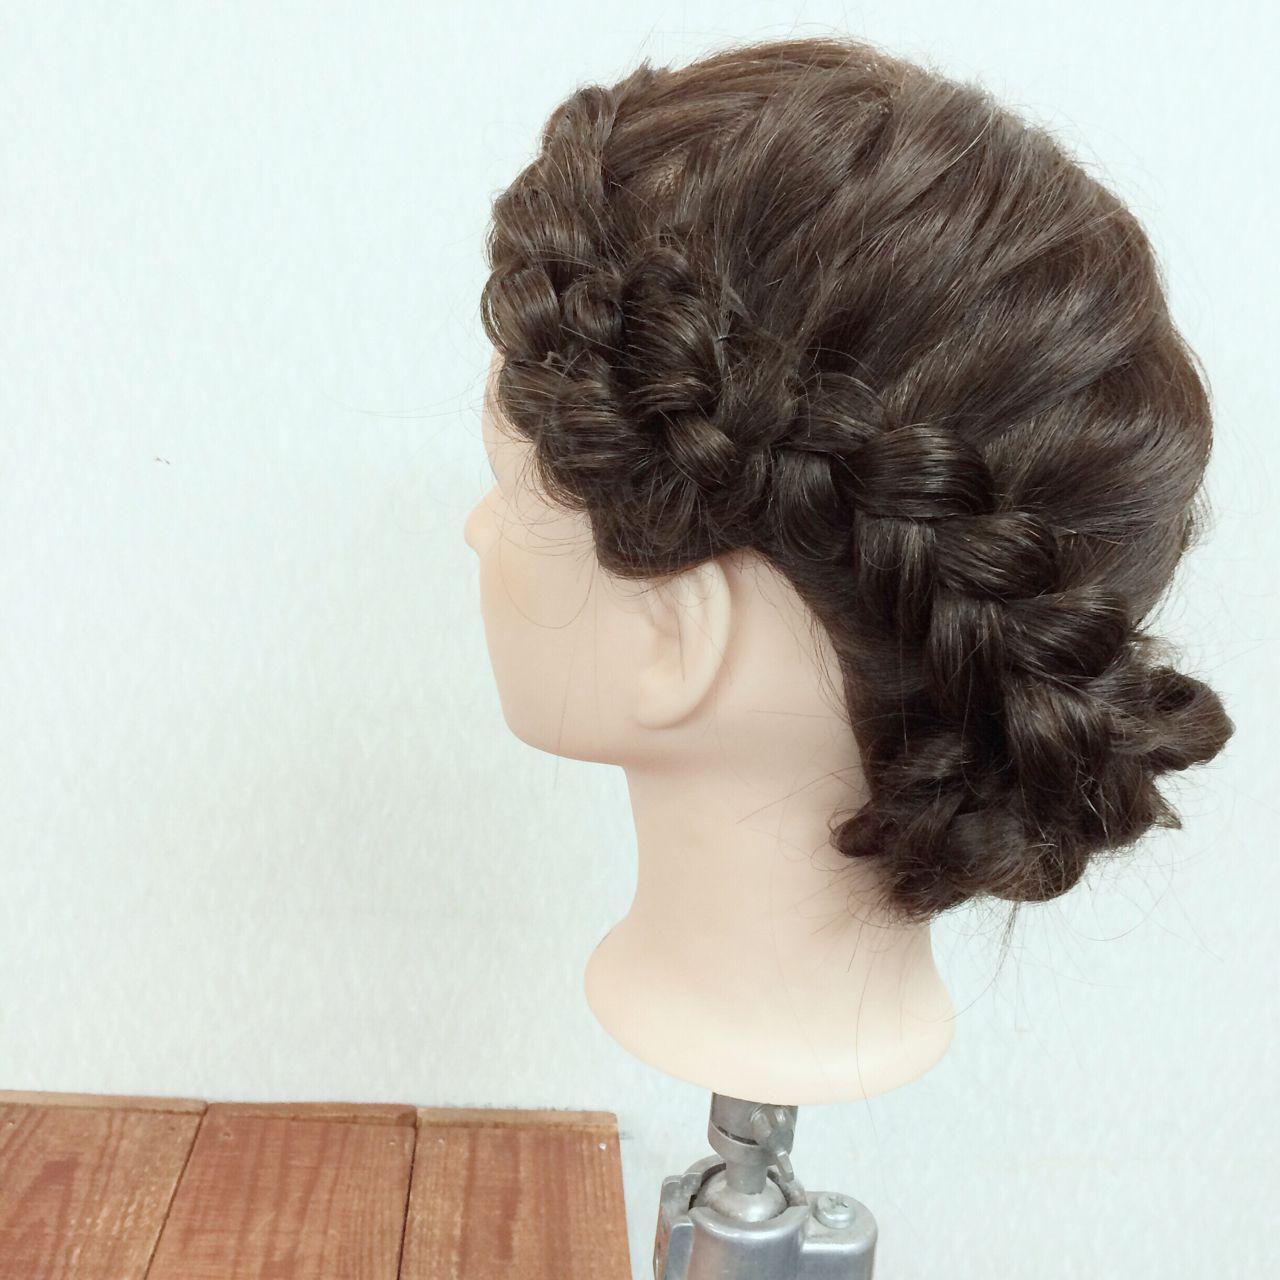 モテ髪 結婚式 コンサバ 愛され ヘアスタイルや髪型の写真・画像